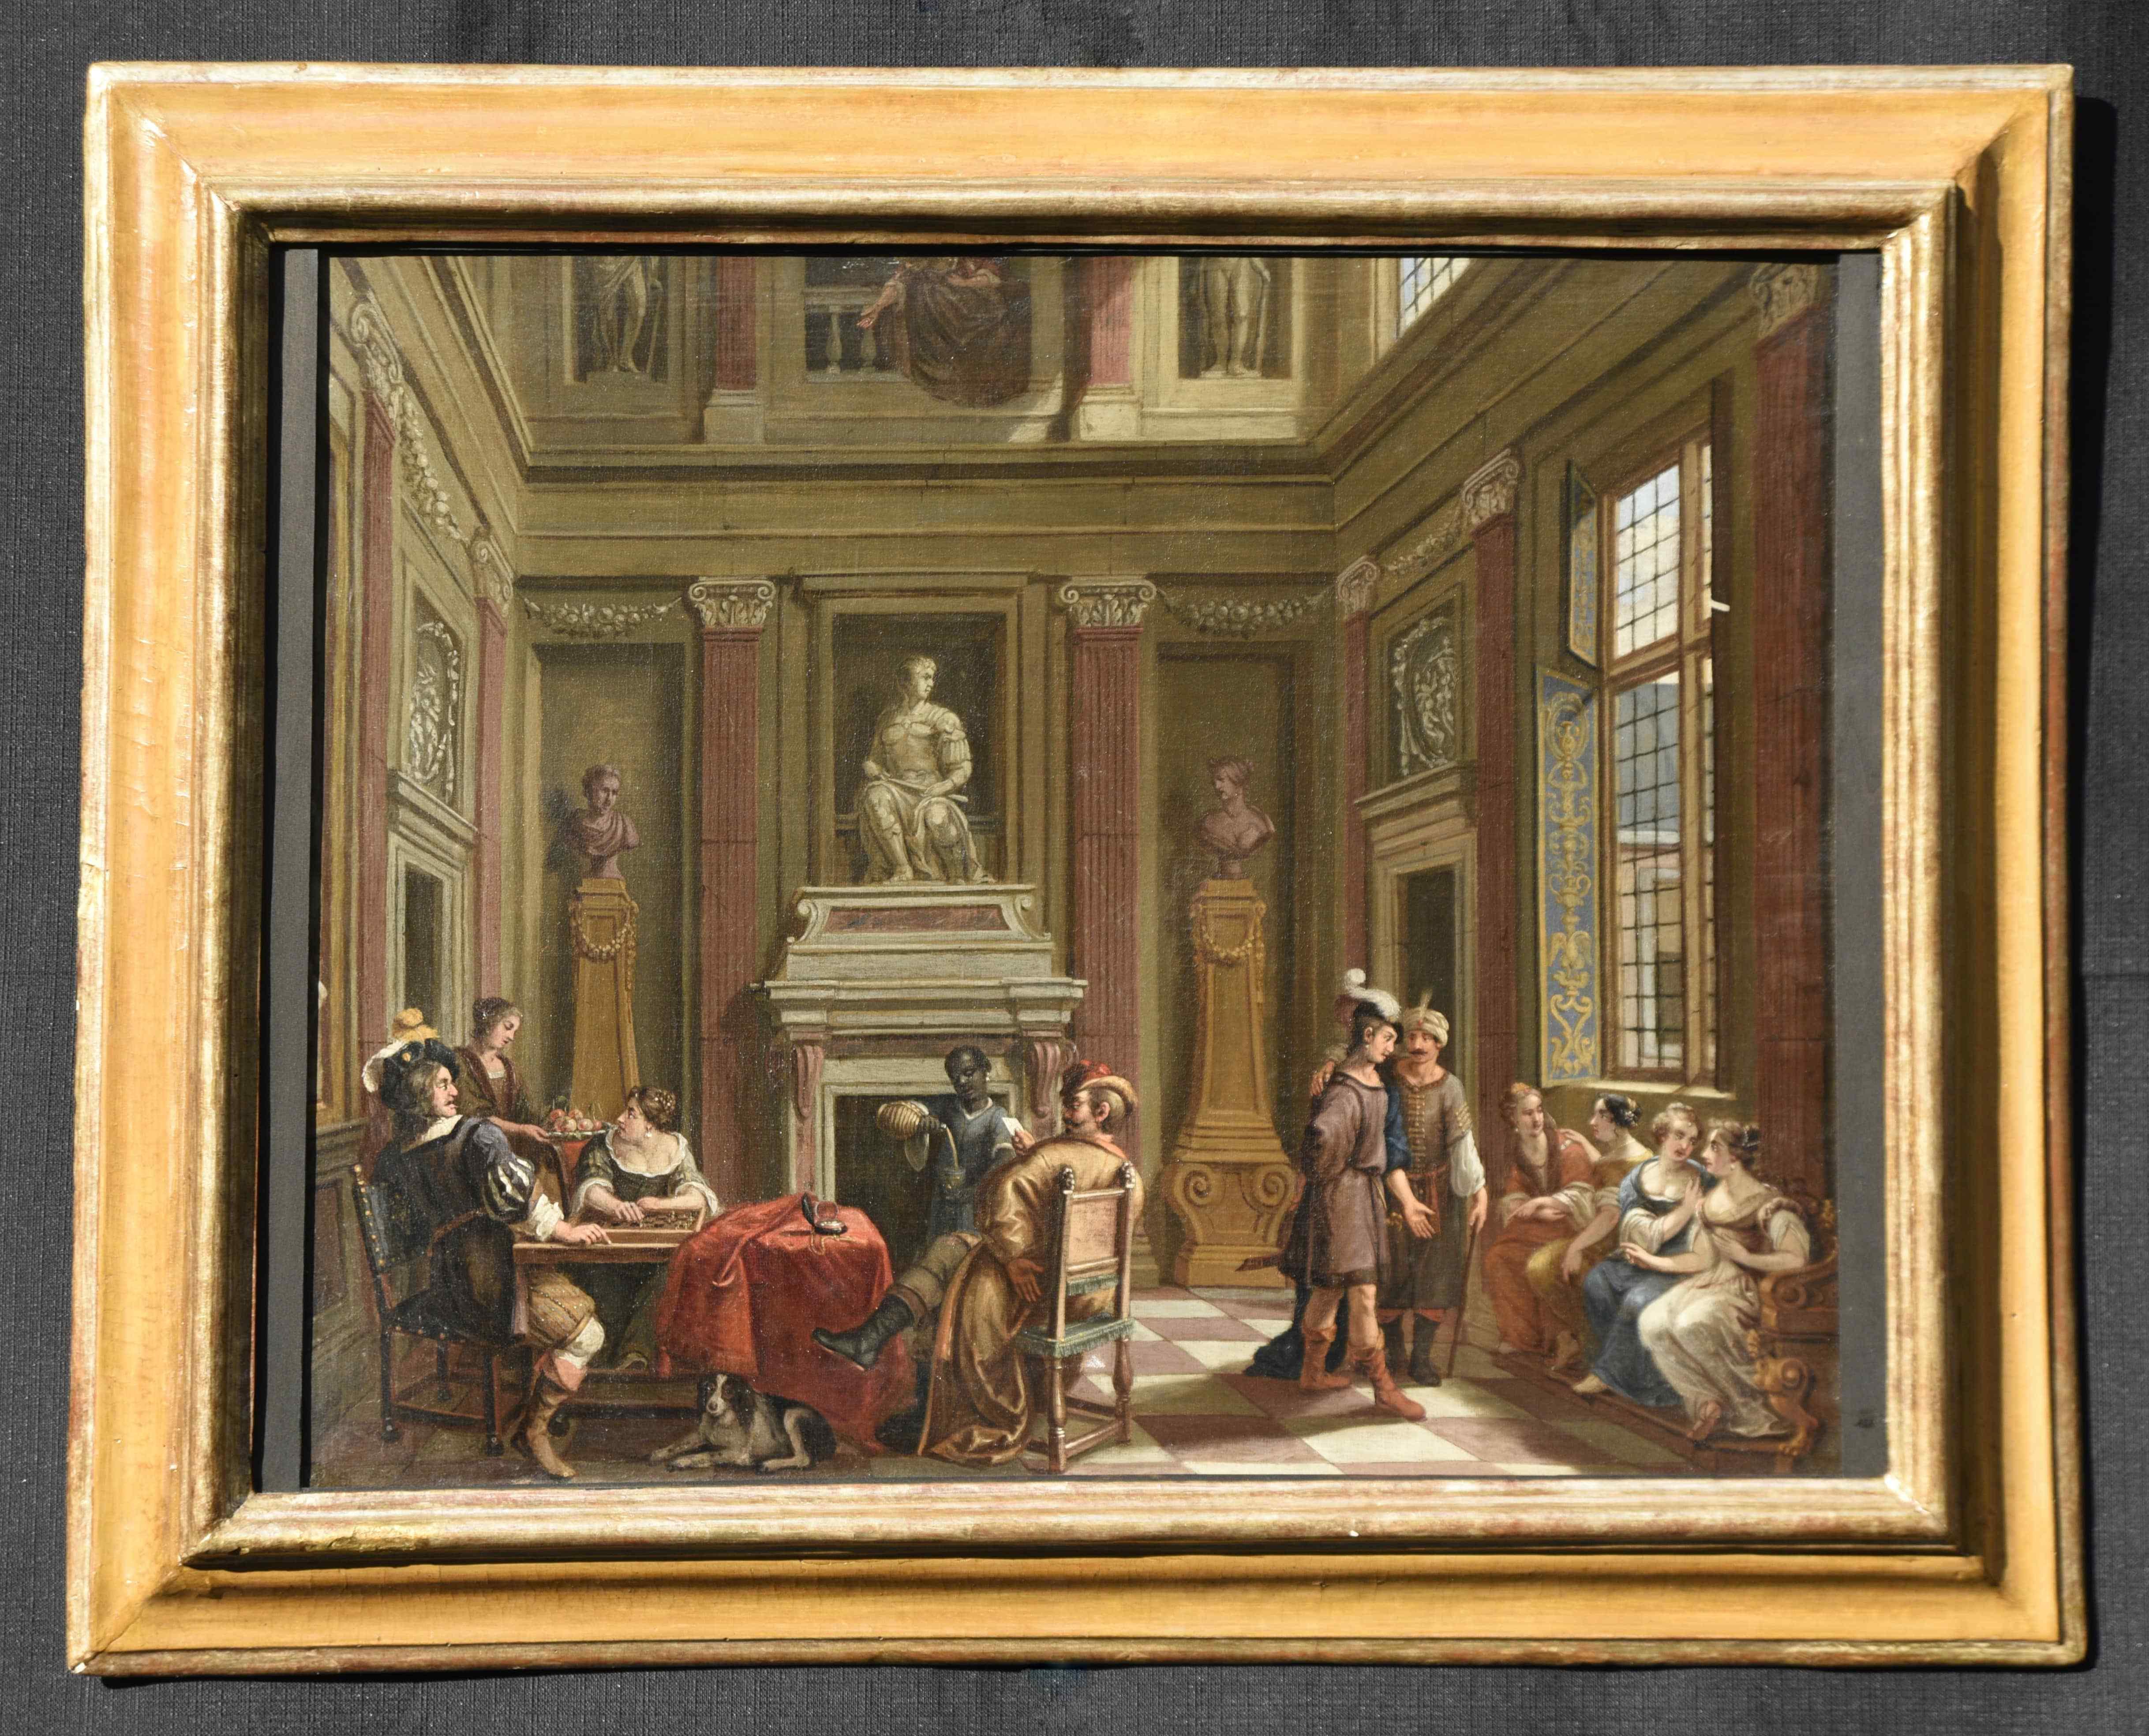 Antico dipinto del XVII secolo scuola olandese